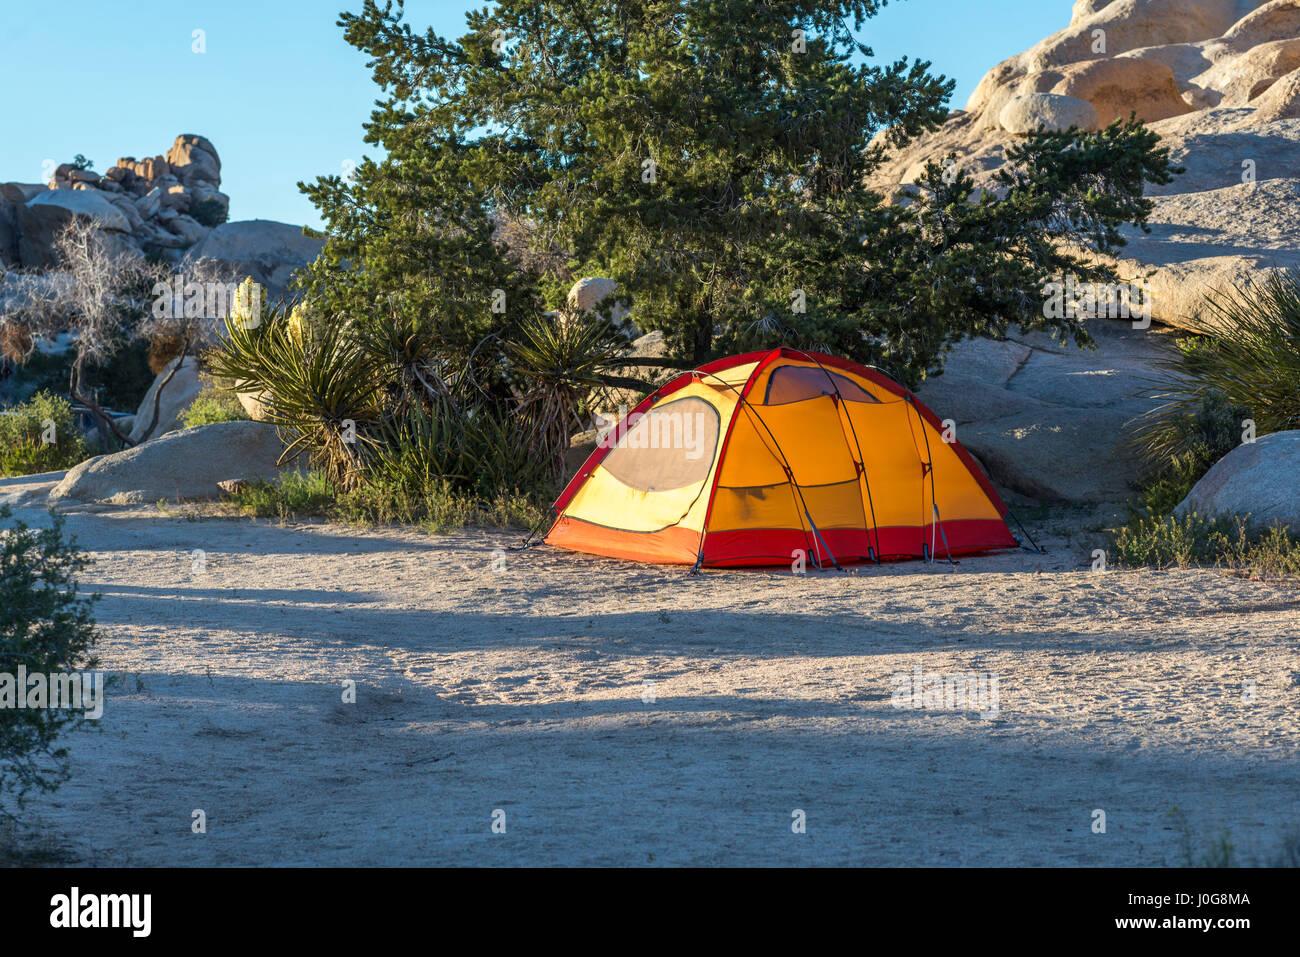 Tenda da campeggio a Joshua Tree National Park, California, Stati Uniti d'America. Immagini Stock